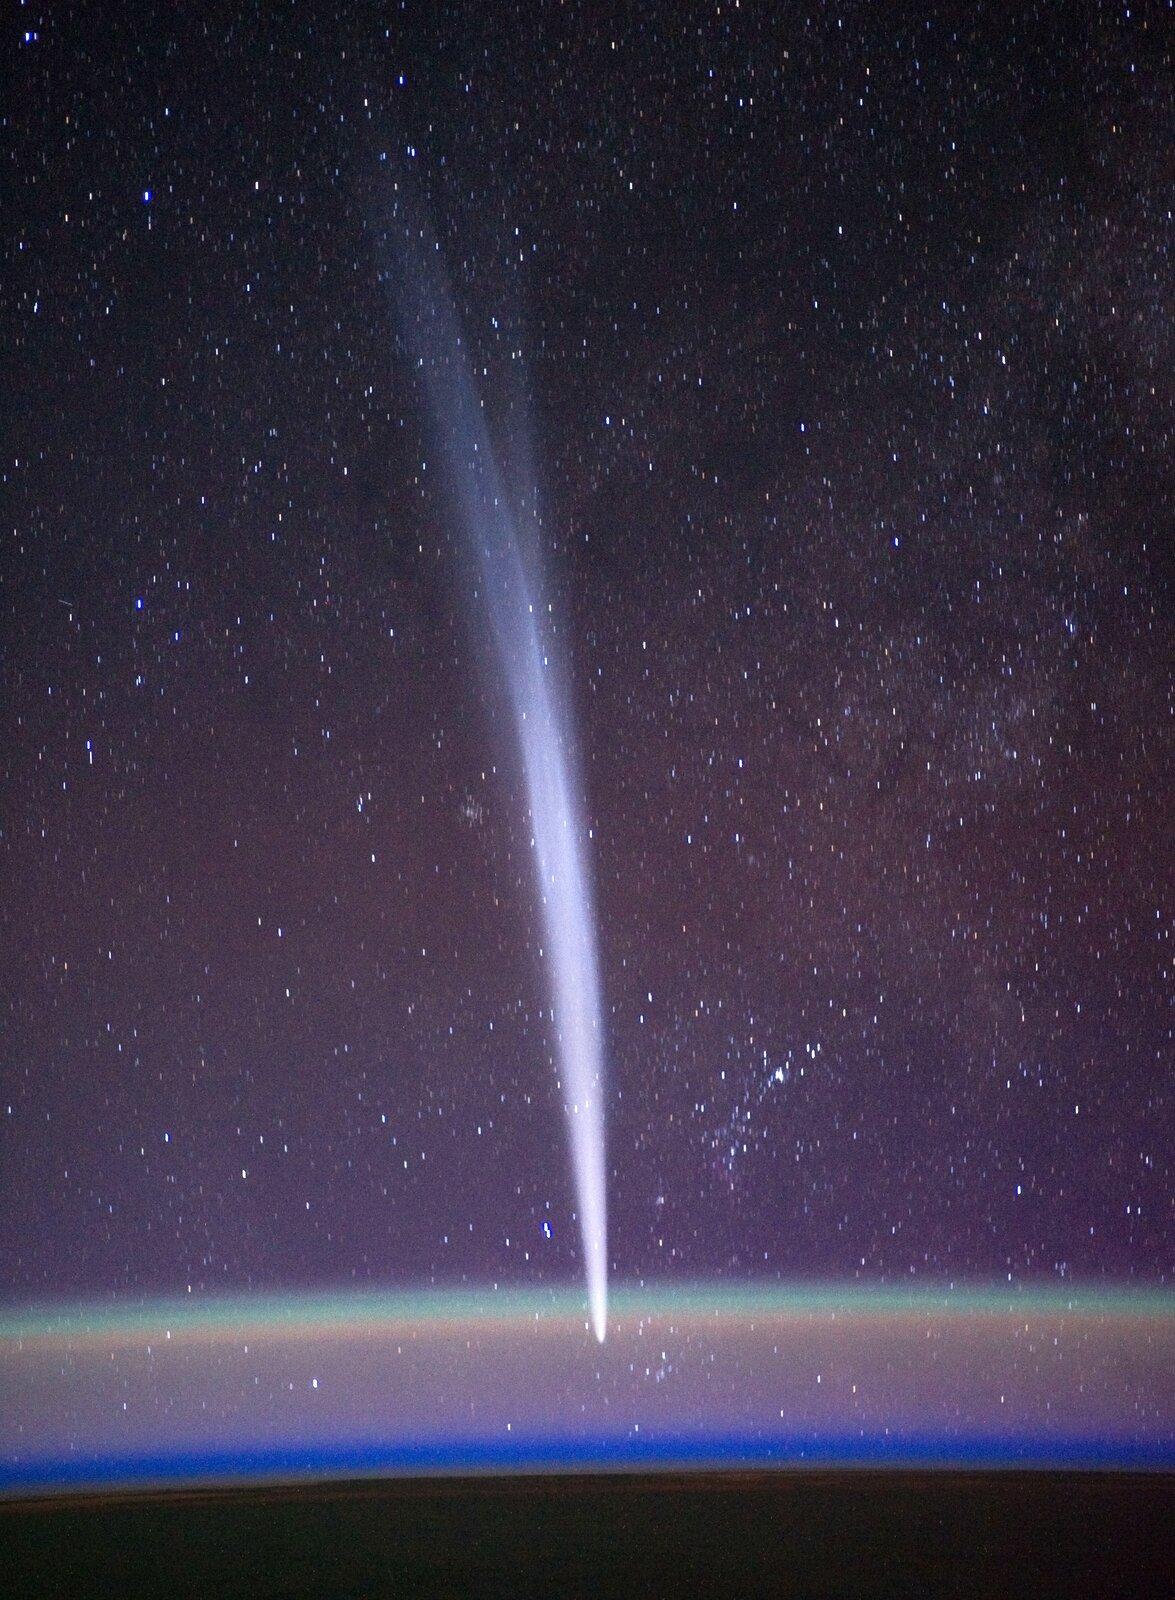 Rozgwieżdżone granatowe niebo, na środku biała kometa opadająca pionowo wdół.